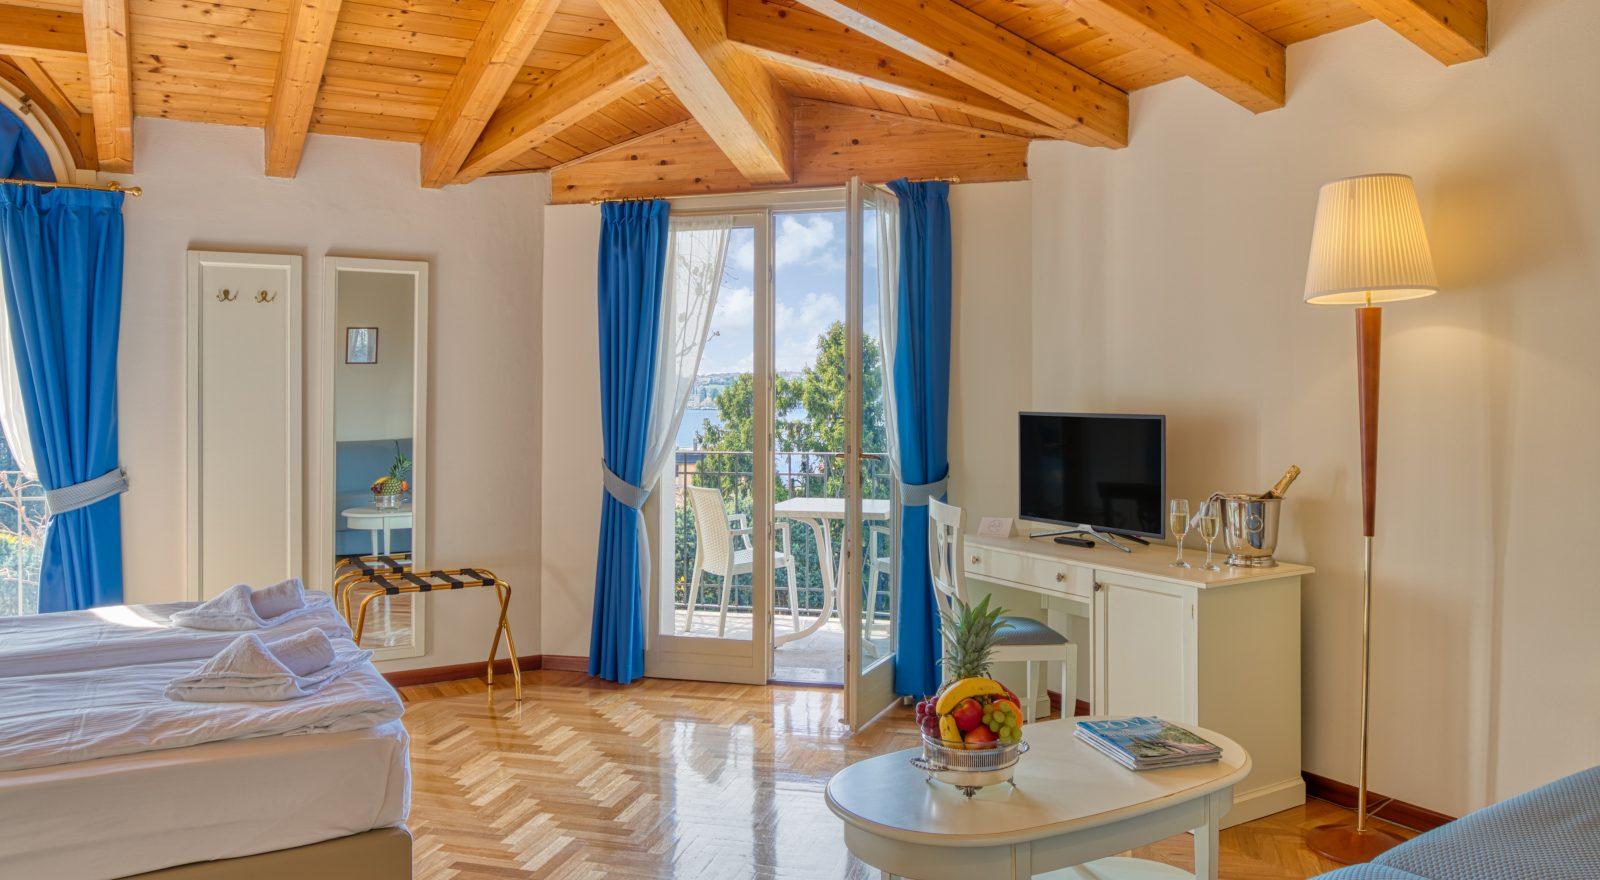 Hotel Galeazzi di Salò, lago di Garda